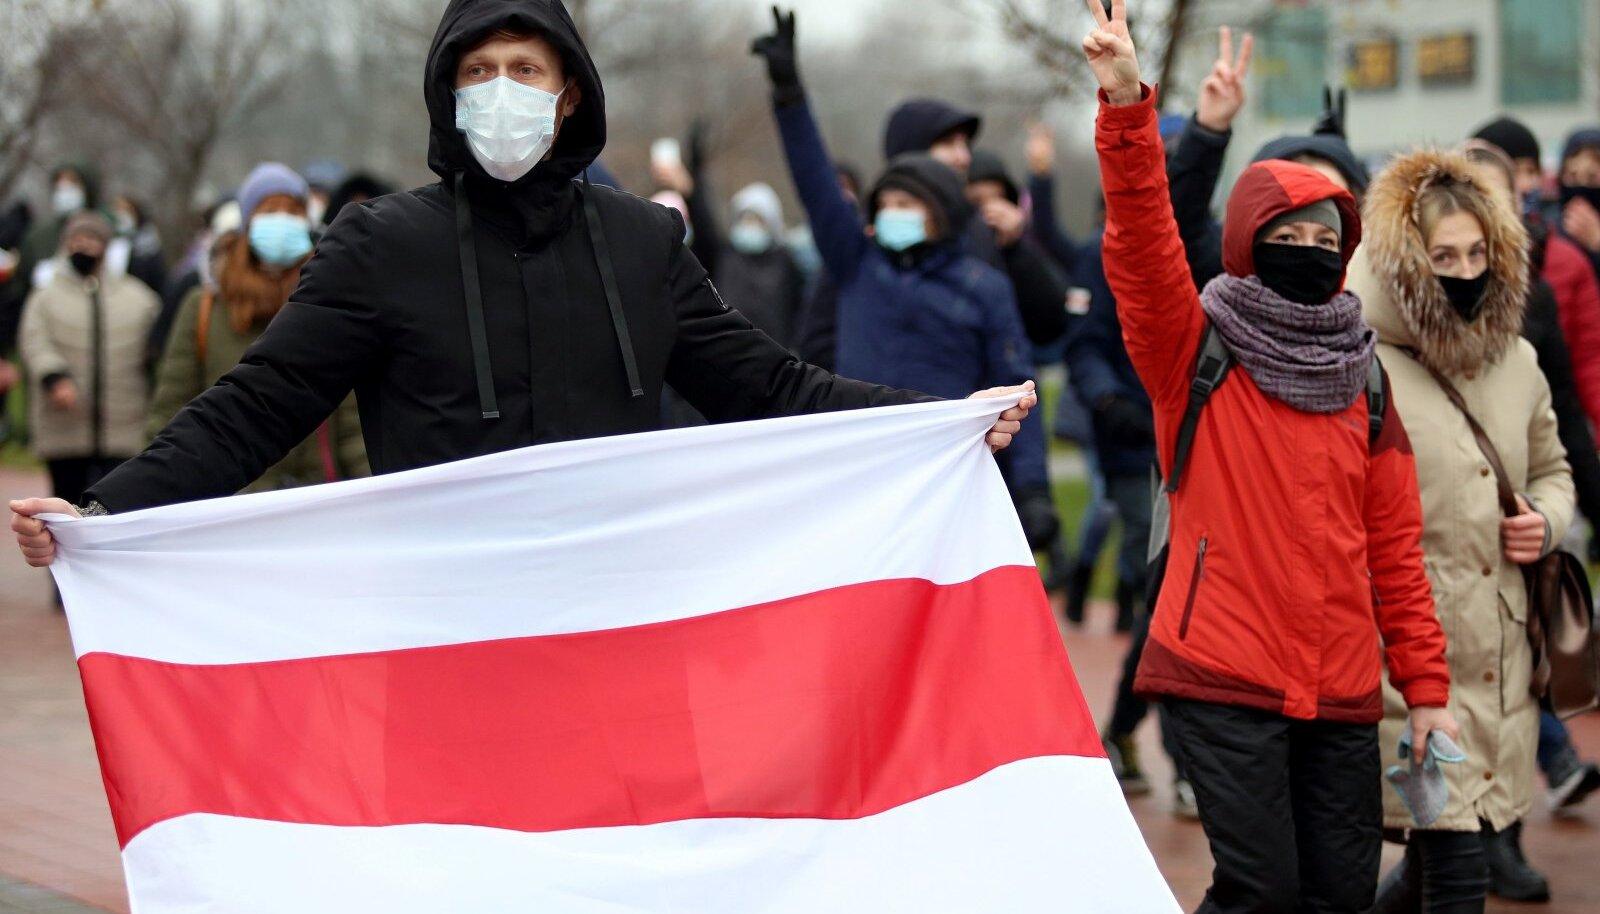 Neli kuud Valgevene meeleavaldusi. Eesti on sanktsioonide eestvedaja,...